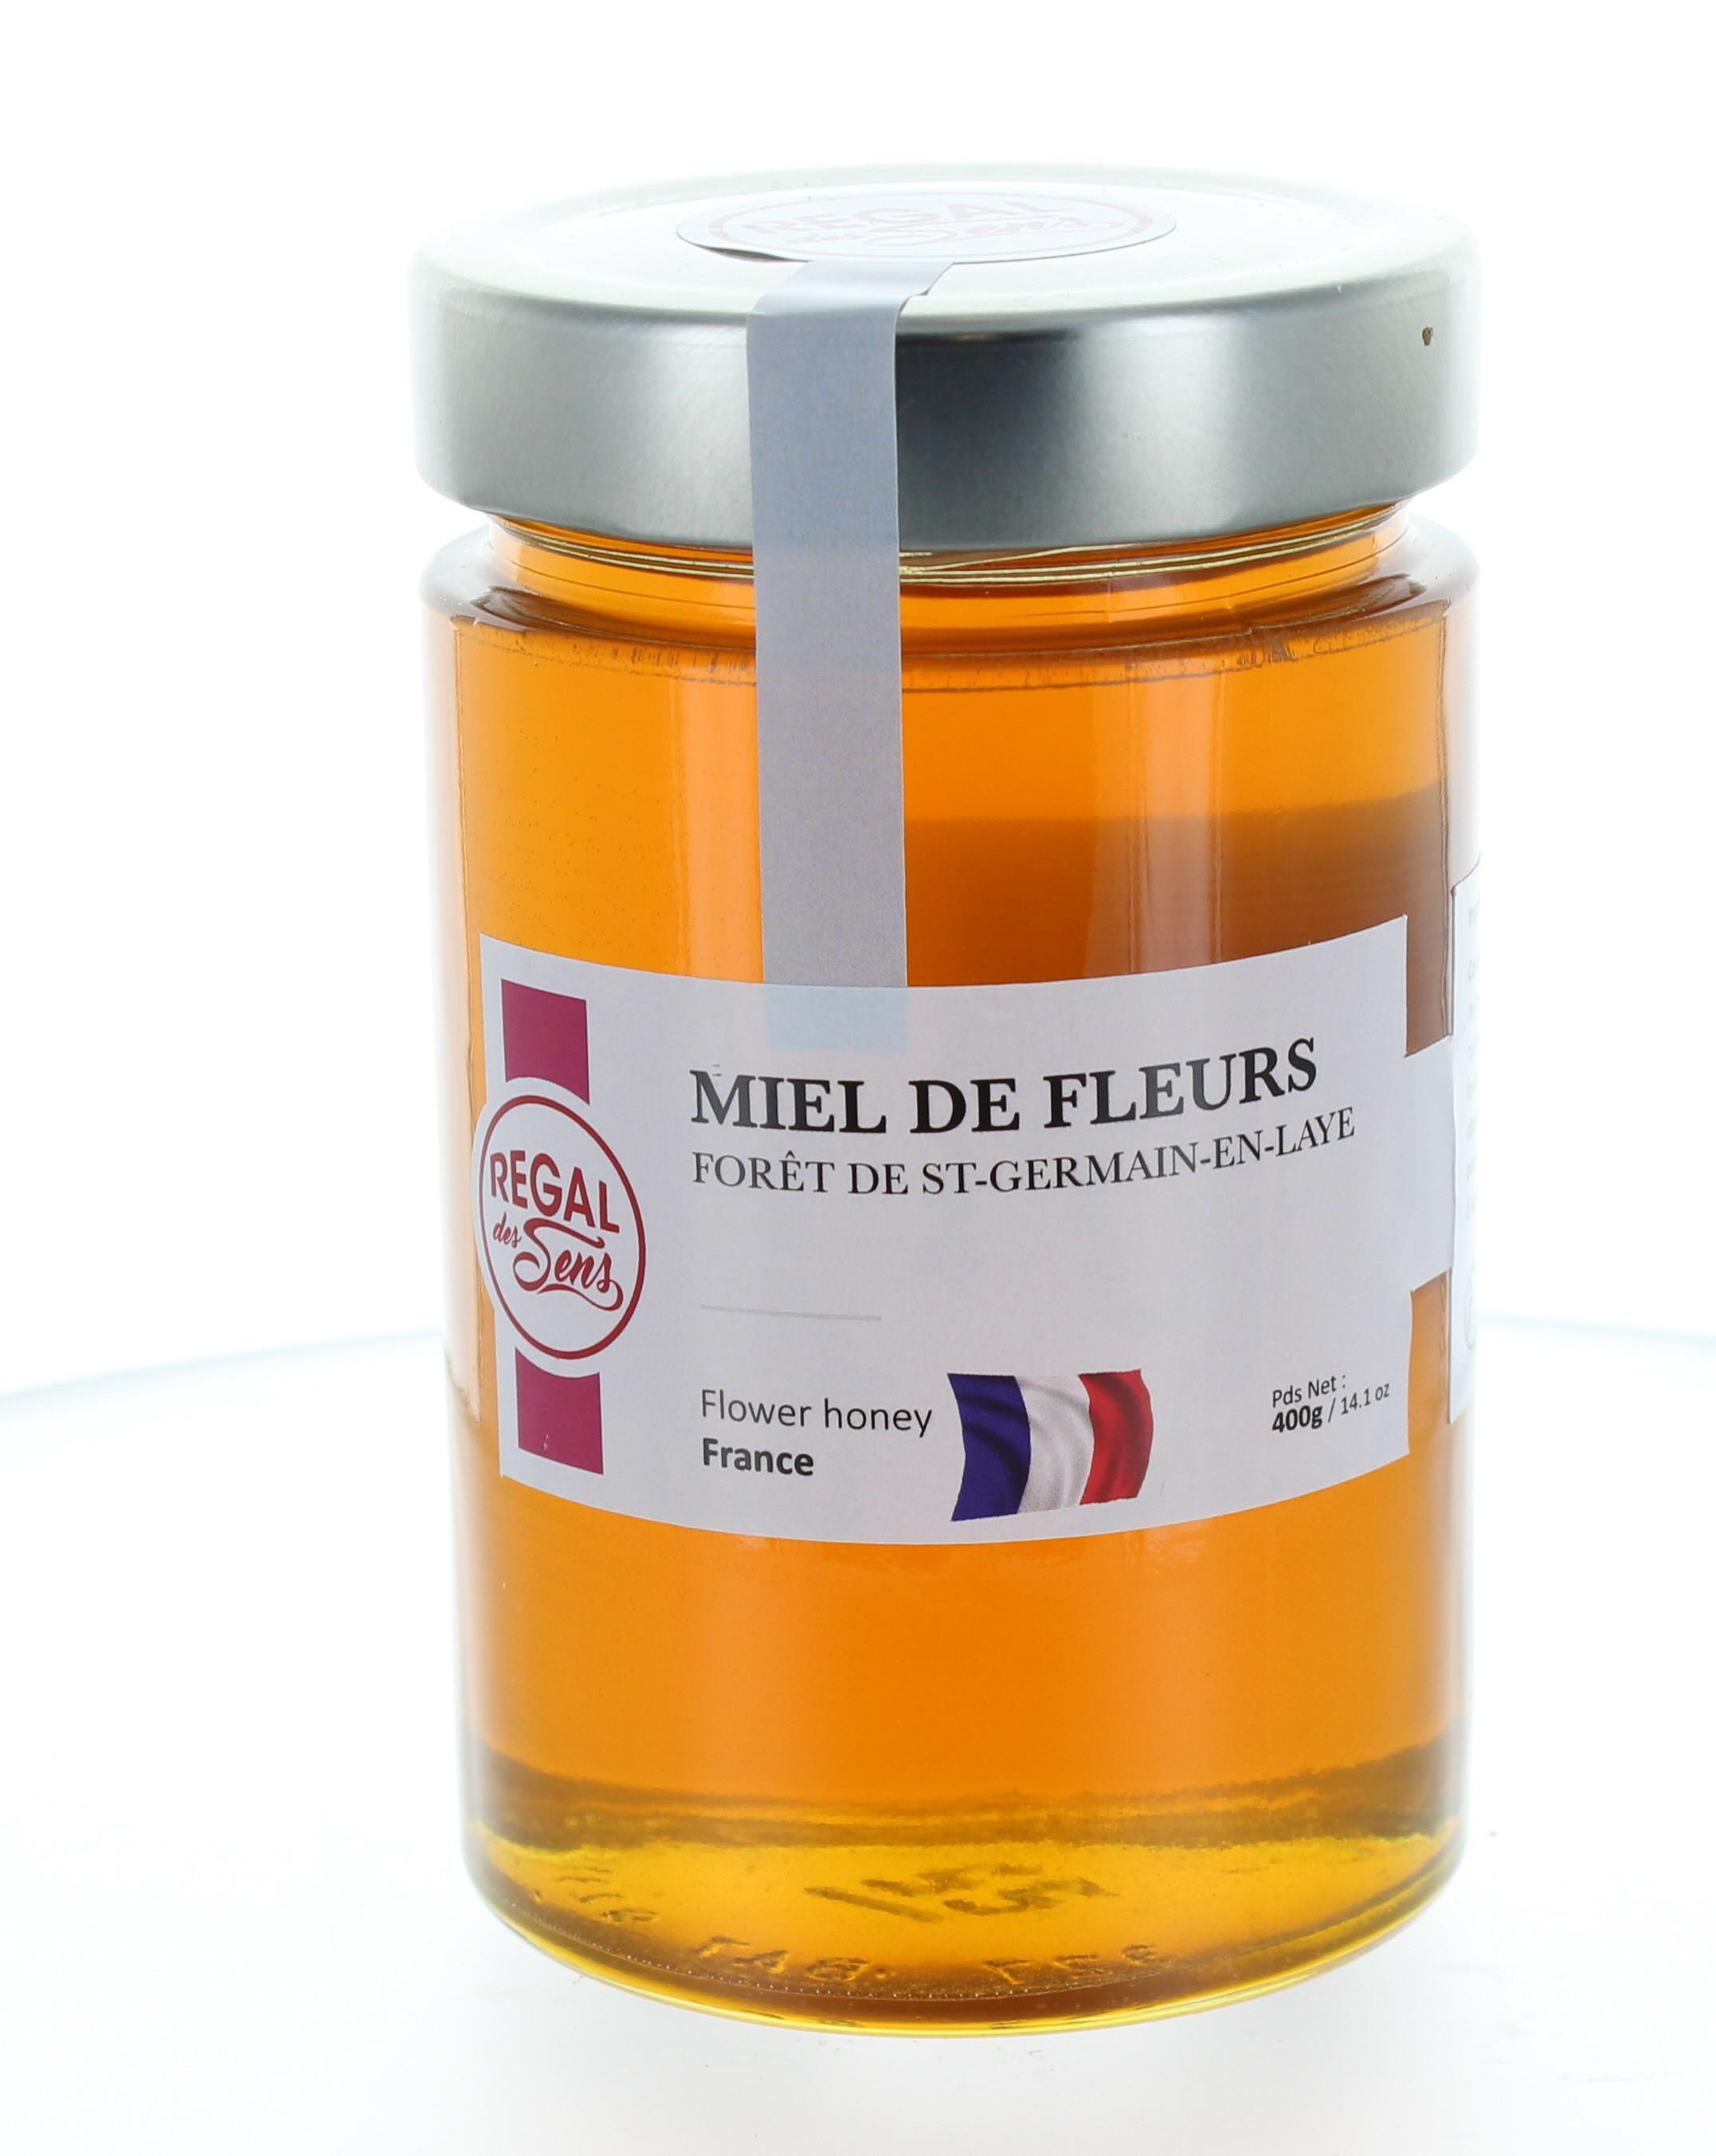 Miel de fleurs - Regal des Sens